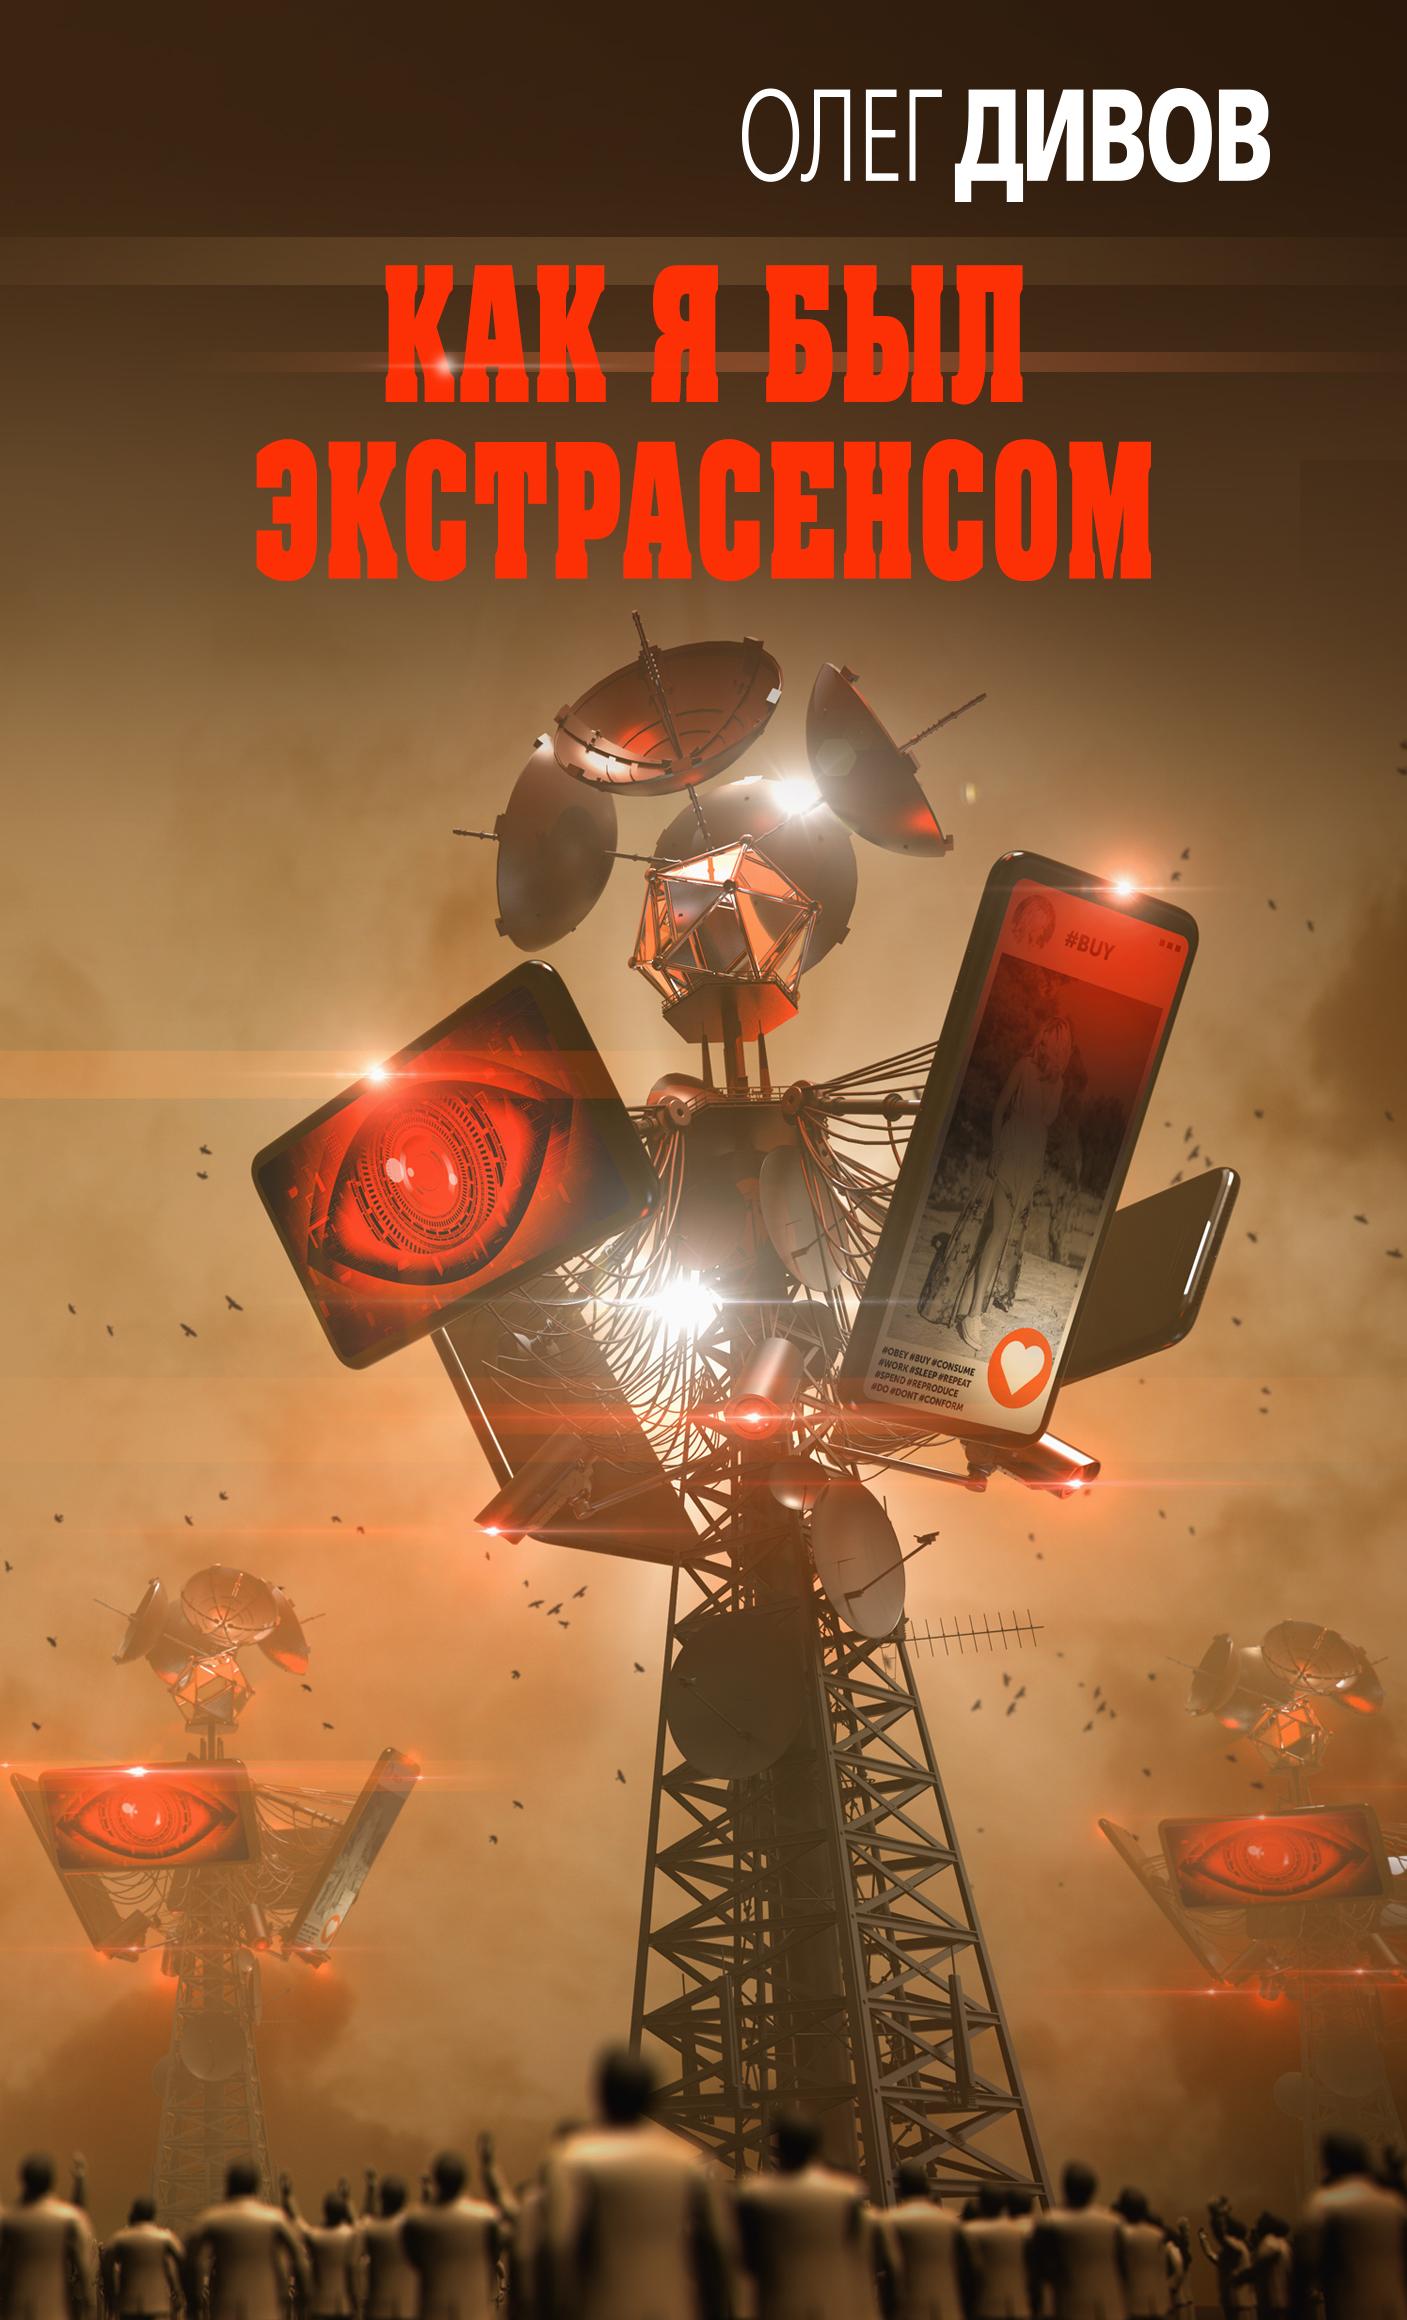 Олег Дивов Как я был экстрасенсом автор не указан требник